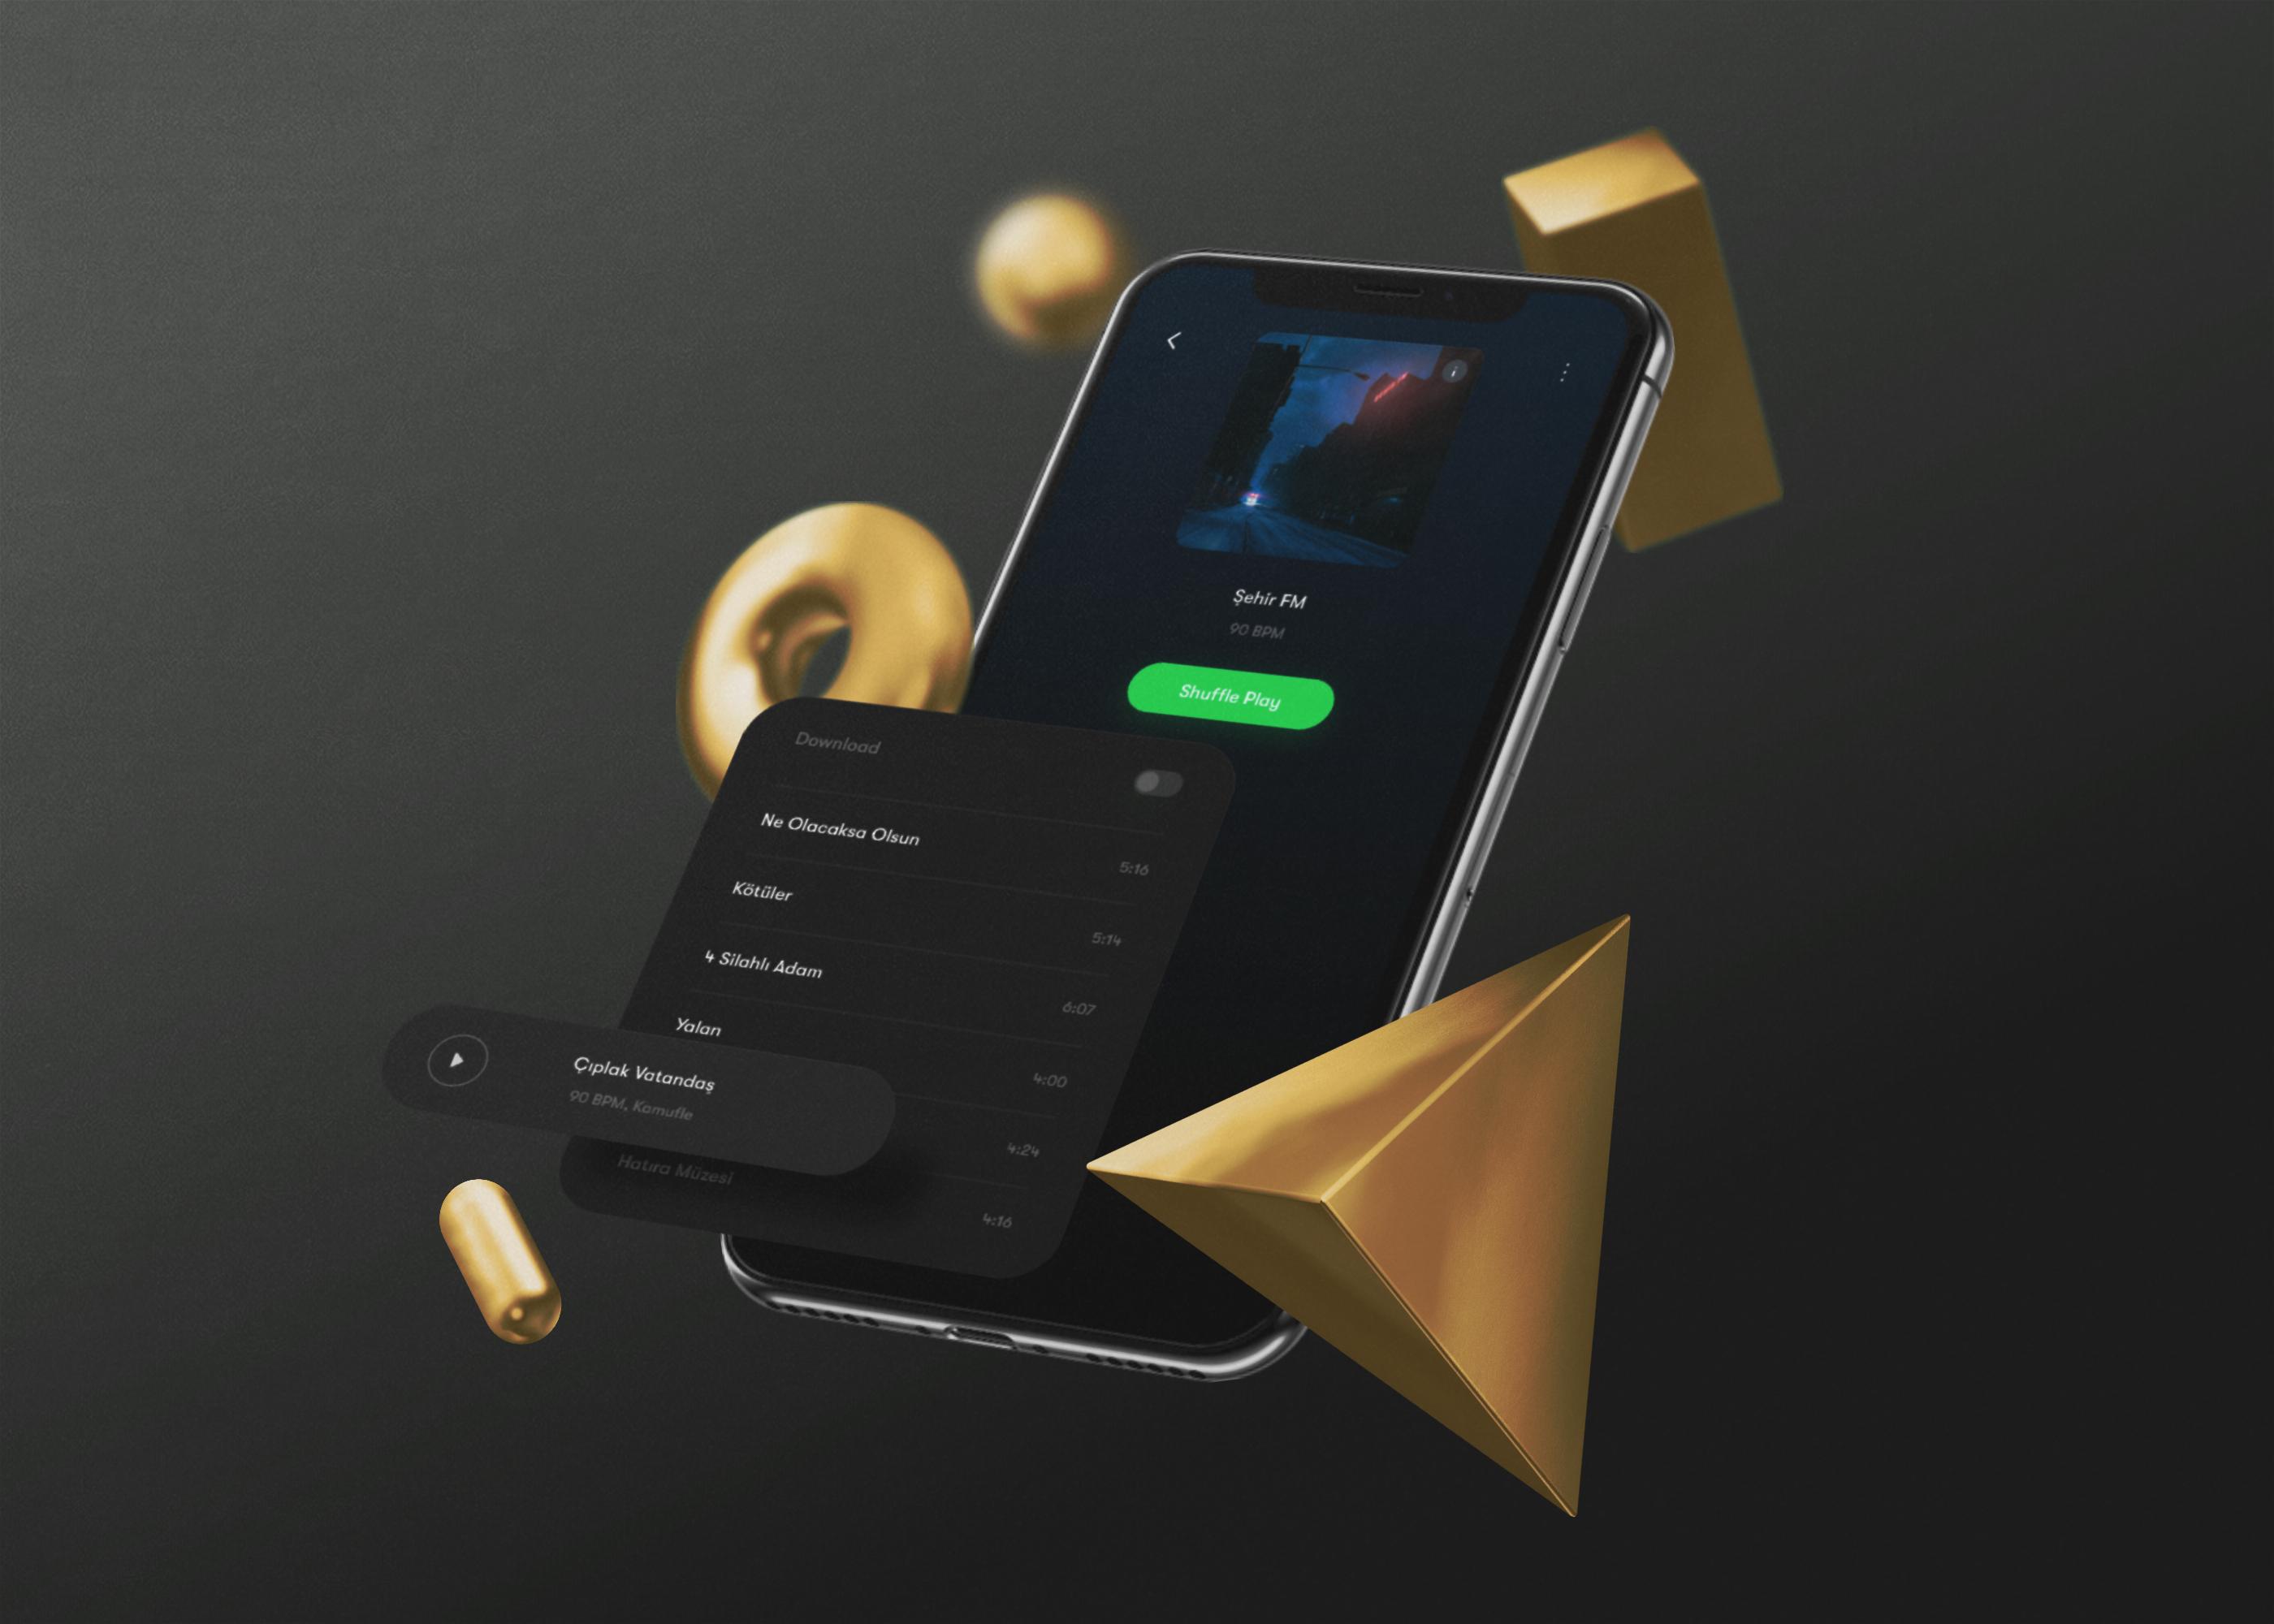 Flying Iphone X Mockup Scene In 2021 Free Mockup Templates Templates Mockup Templates